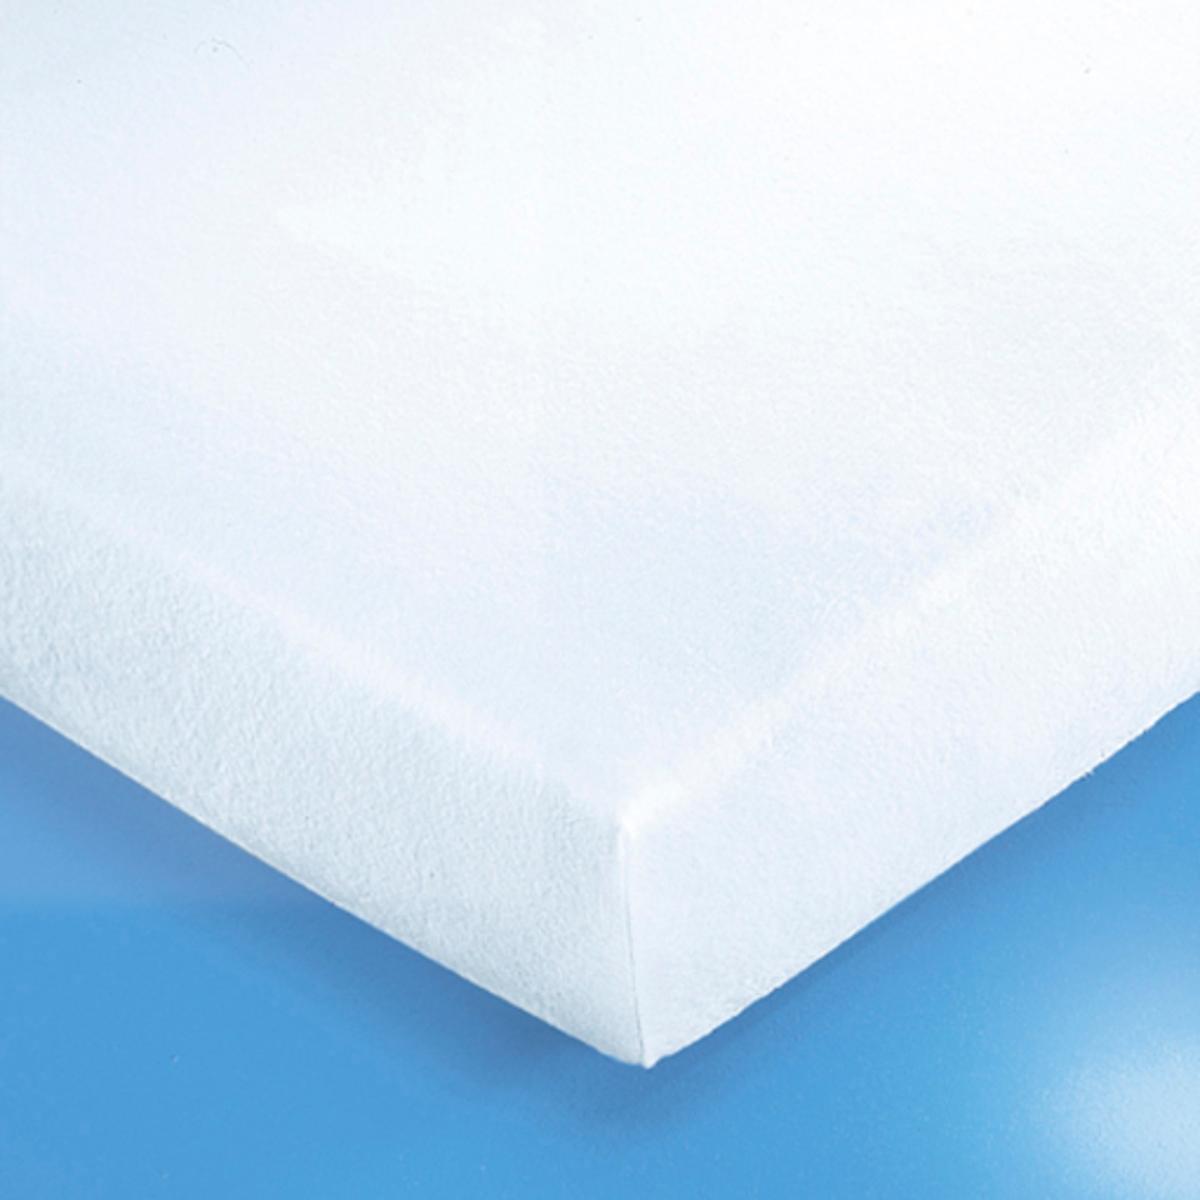 Чехол защитный на матрас натяжной из эластичной махровой ткани с непромокаемой прослойкой из полиуретанаОчень мягкий и удобный защитный чехол для матраса отводит влагу от тела, сохраняя полную непромокаемость.Микро-дышащий и антибактериальный защитный чехол в виде натяжной простыни из эластичной махровой ткани букле, эластичный хлопок с непромокаемой полиуретановой прослойкой. 100% экологически чистый материал.3 размера для детской кроватки (40 x 80, 60 x 120 и 60 x 140 см).Эластичные клапаны для матрасов толщиной до 25 см.Машинная стирка при 60 °С. Изделие с биоцидной обработкой. Качество VALEUR S?RE.<br><br>Цвет: белый